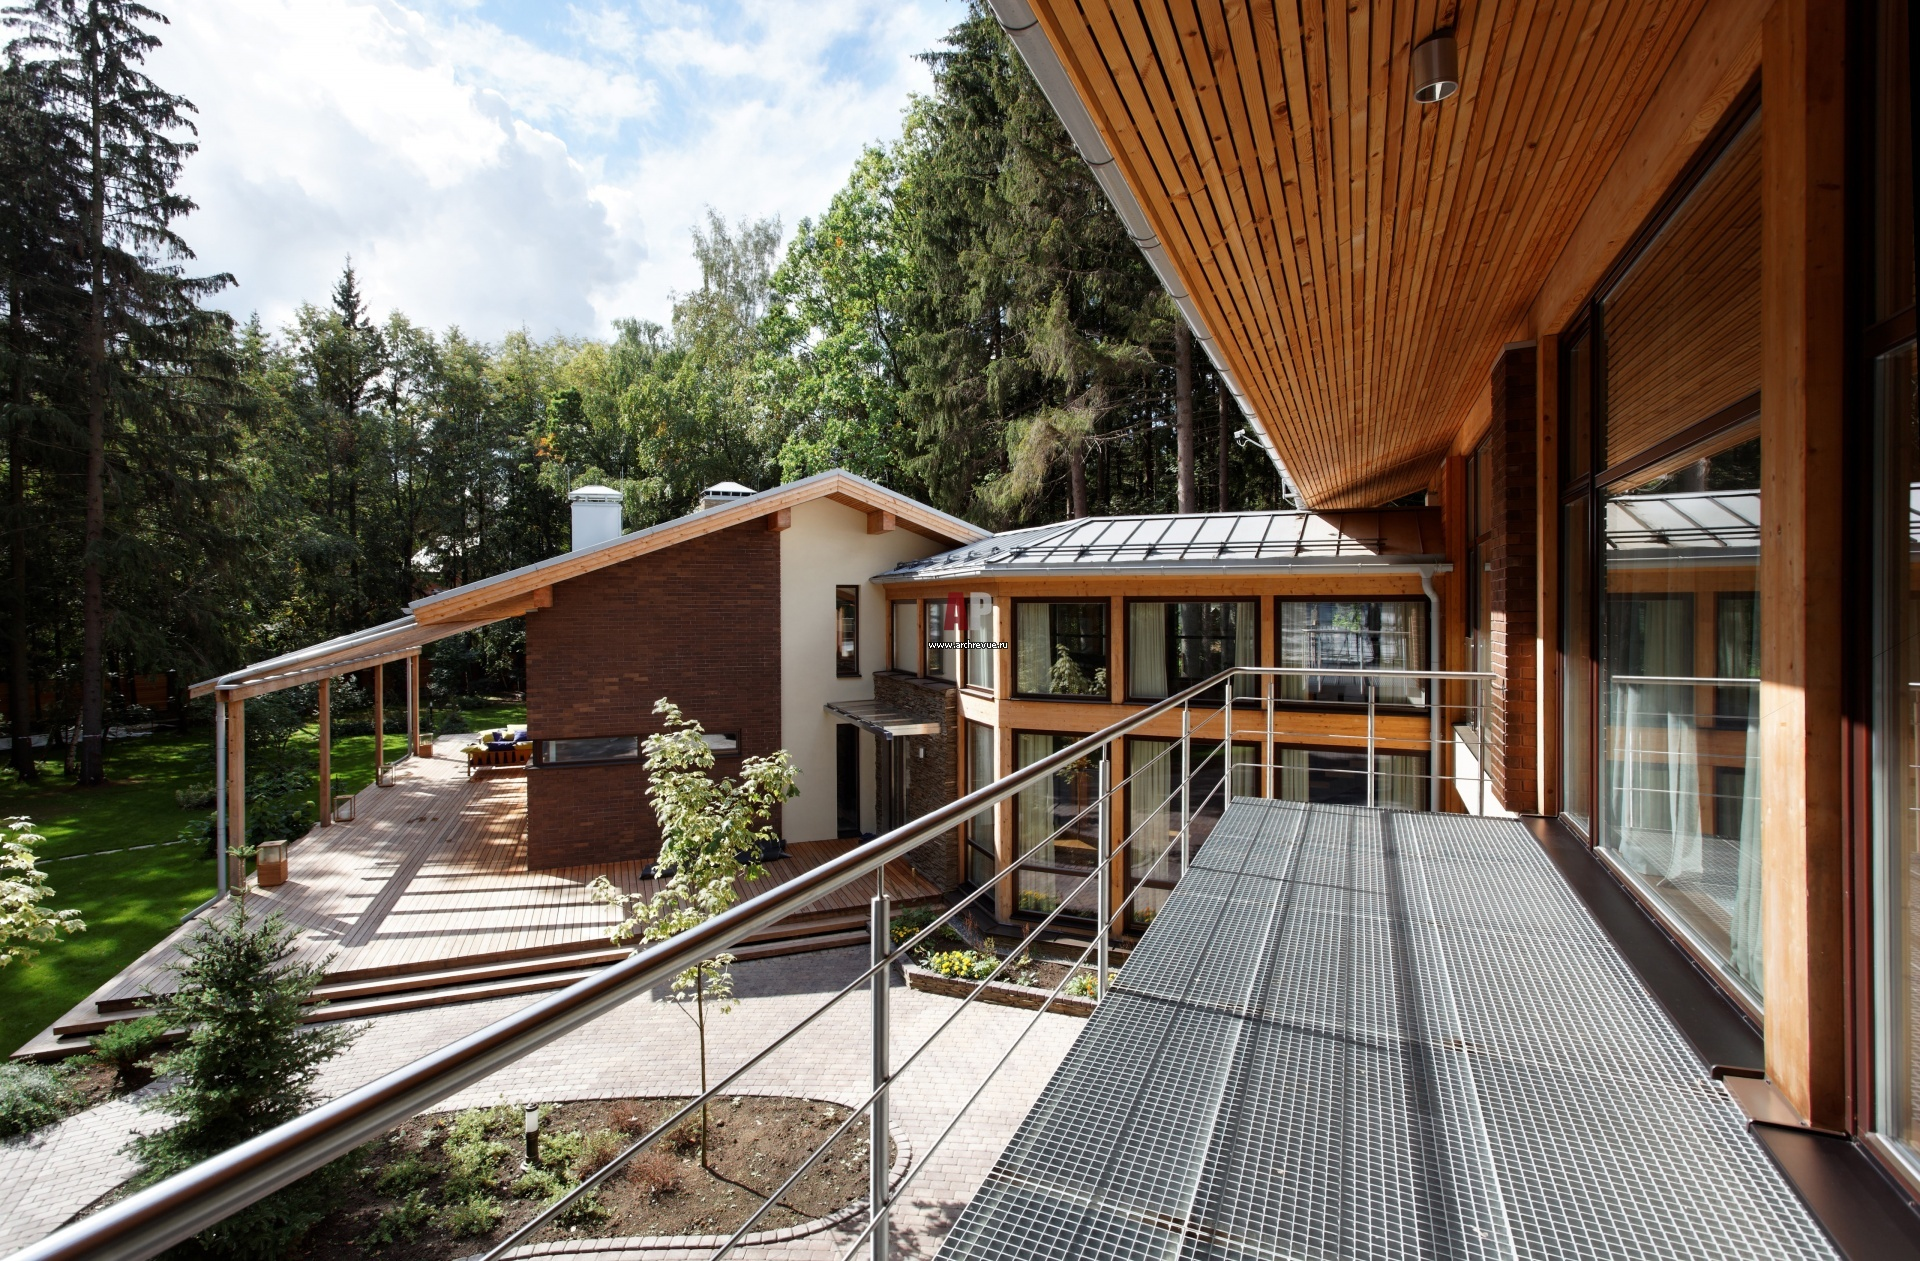 Фото балкона дома в эко-стиле.